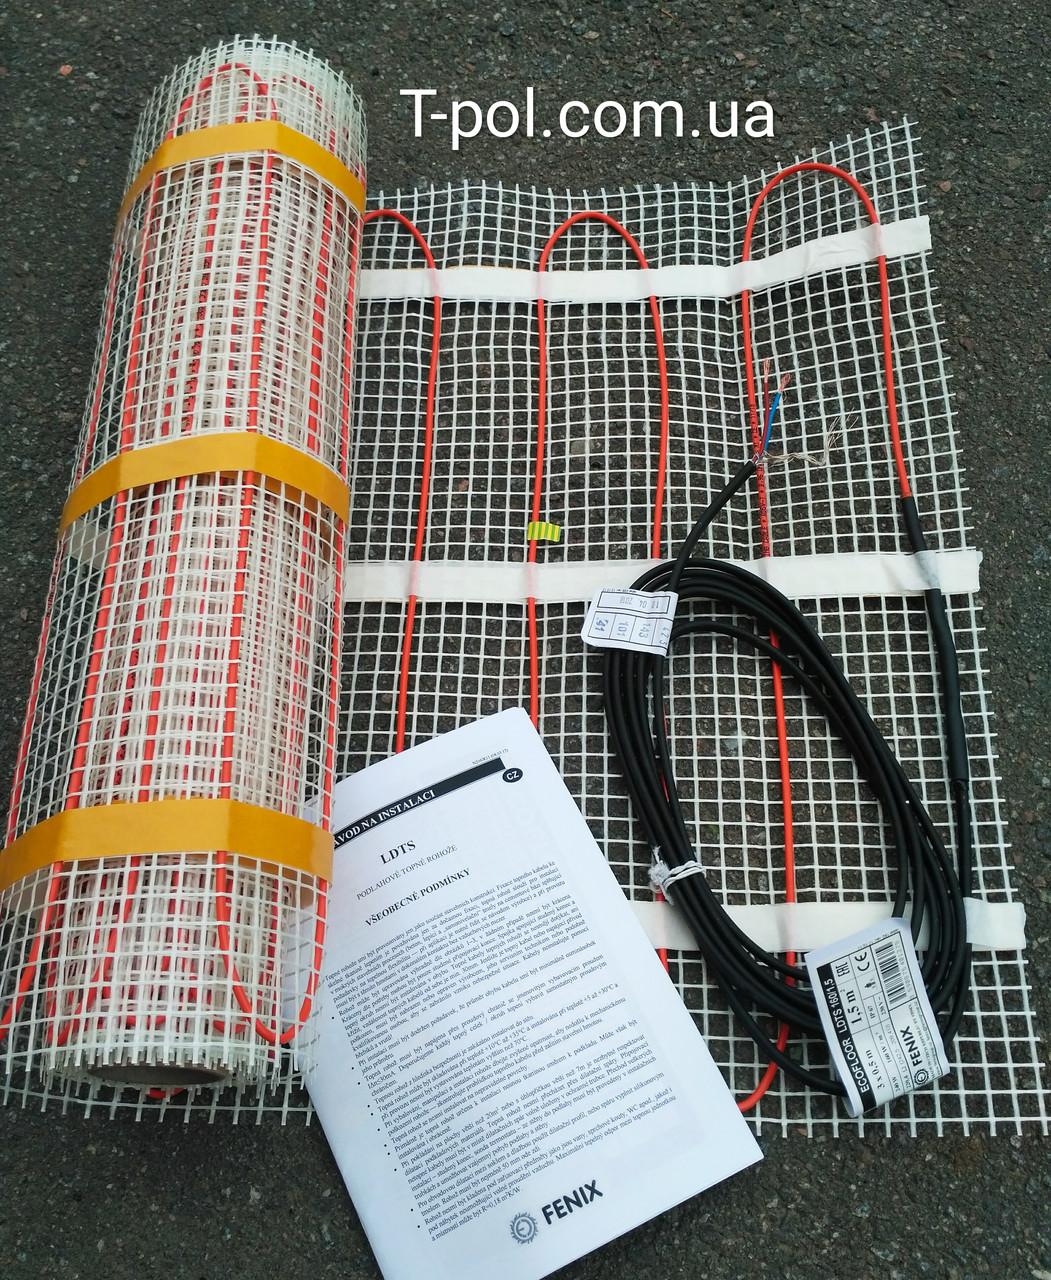 Тепла підлога без стяжки нагрівальний мат ldts 12 м2 Ecoflor Fenix Чехія